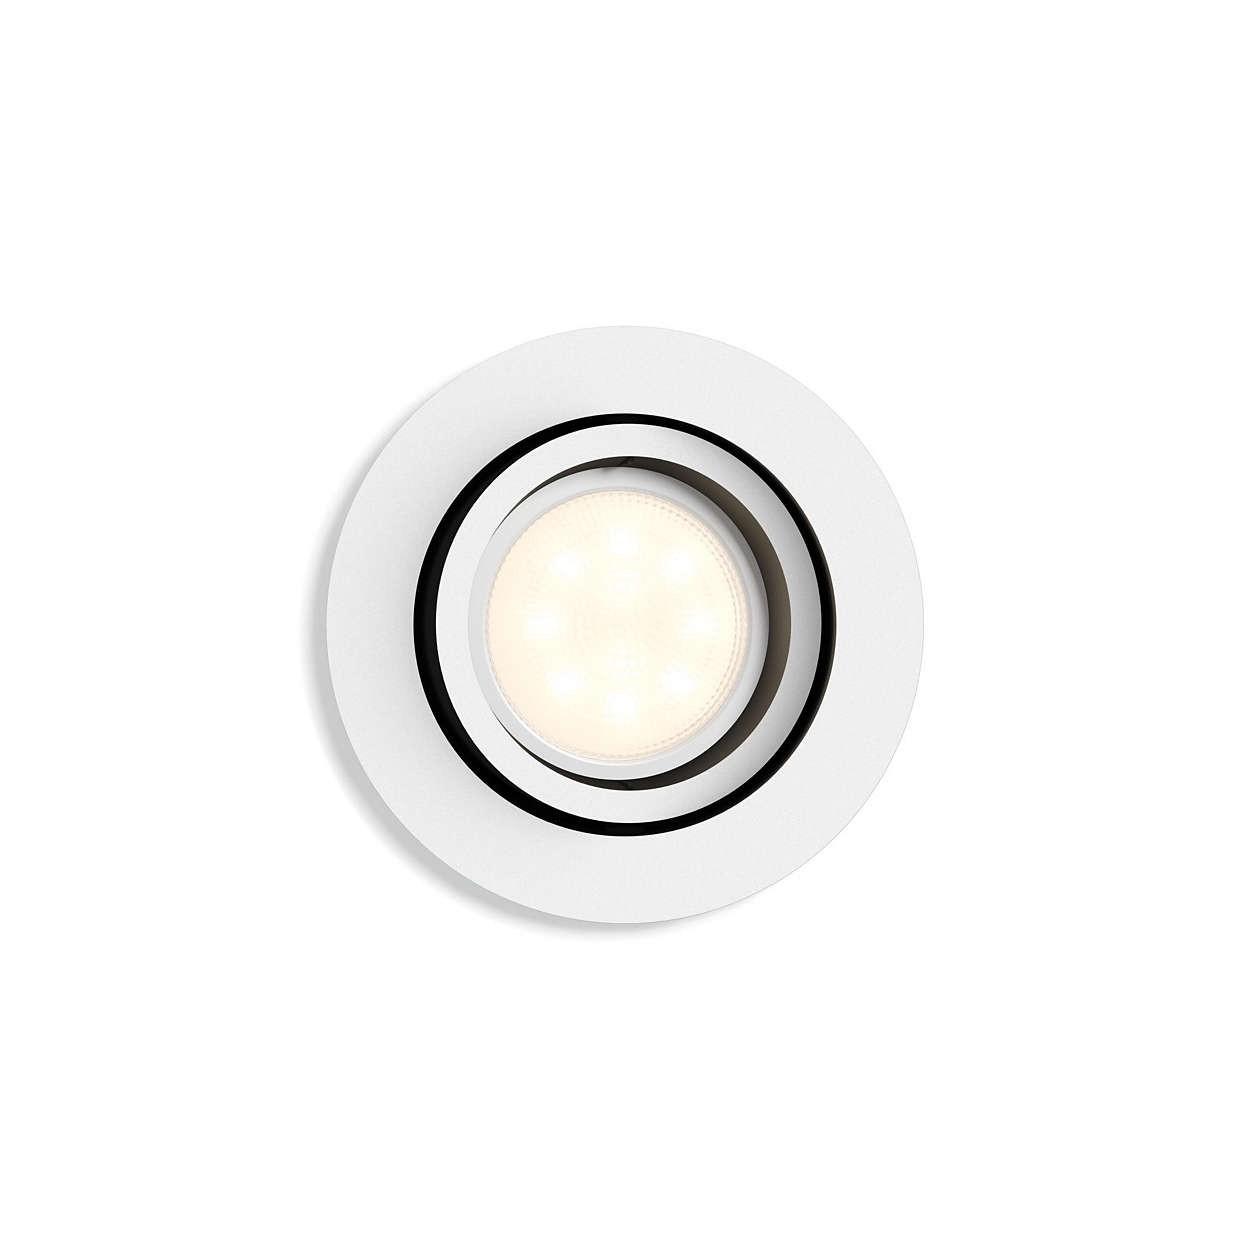 Philips Hue White Ambiance Milliskin - Spot-Erweiterung, rund, weiß